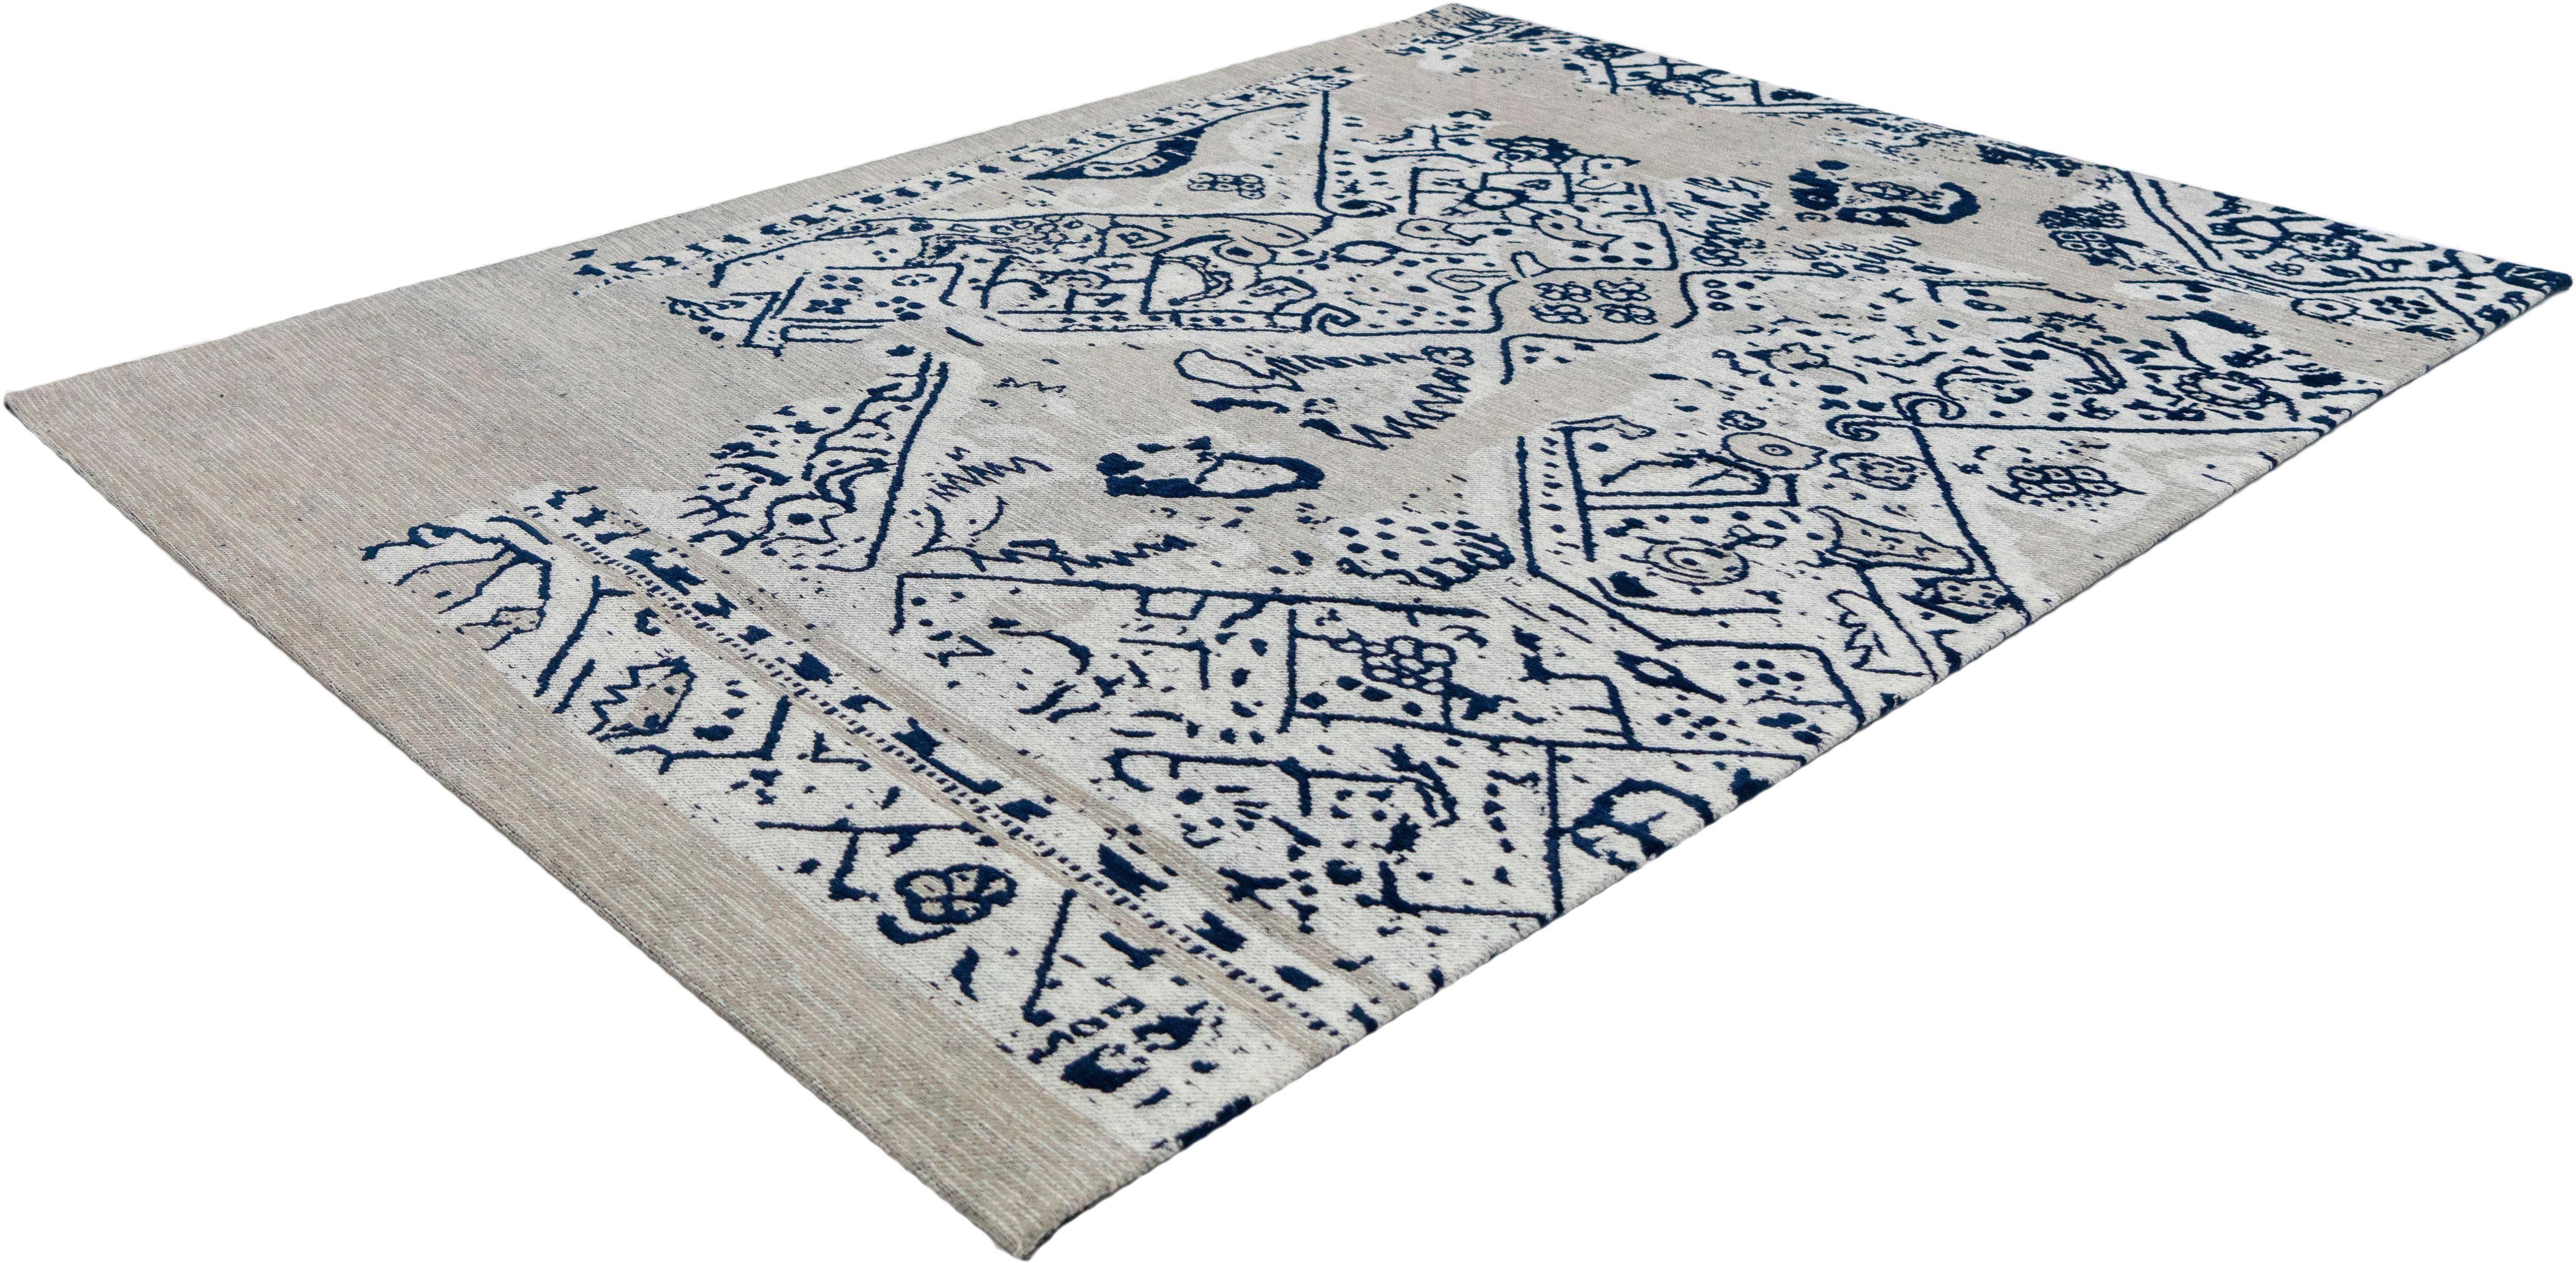 Teppich Julian Home affaire rechteckig Höhe 10 mm handgewebt